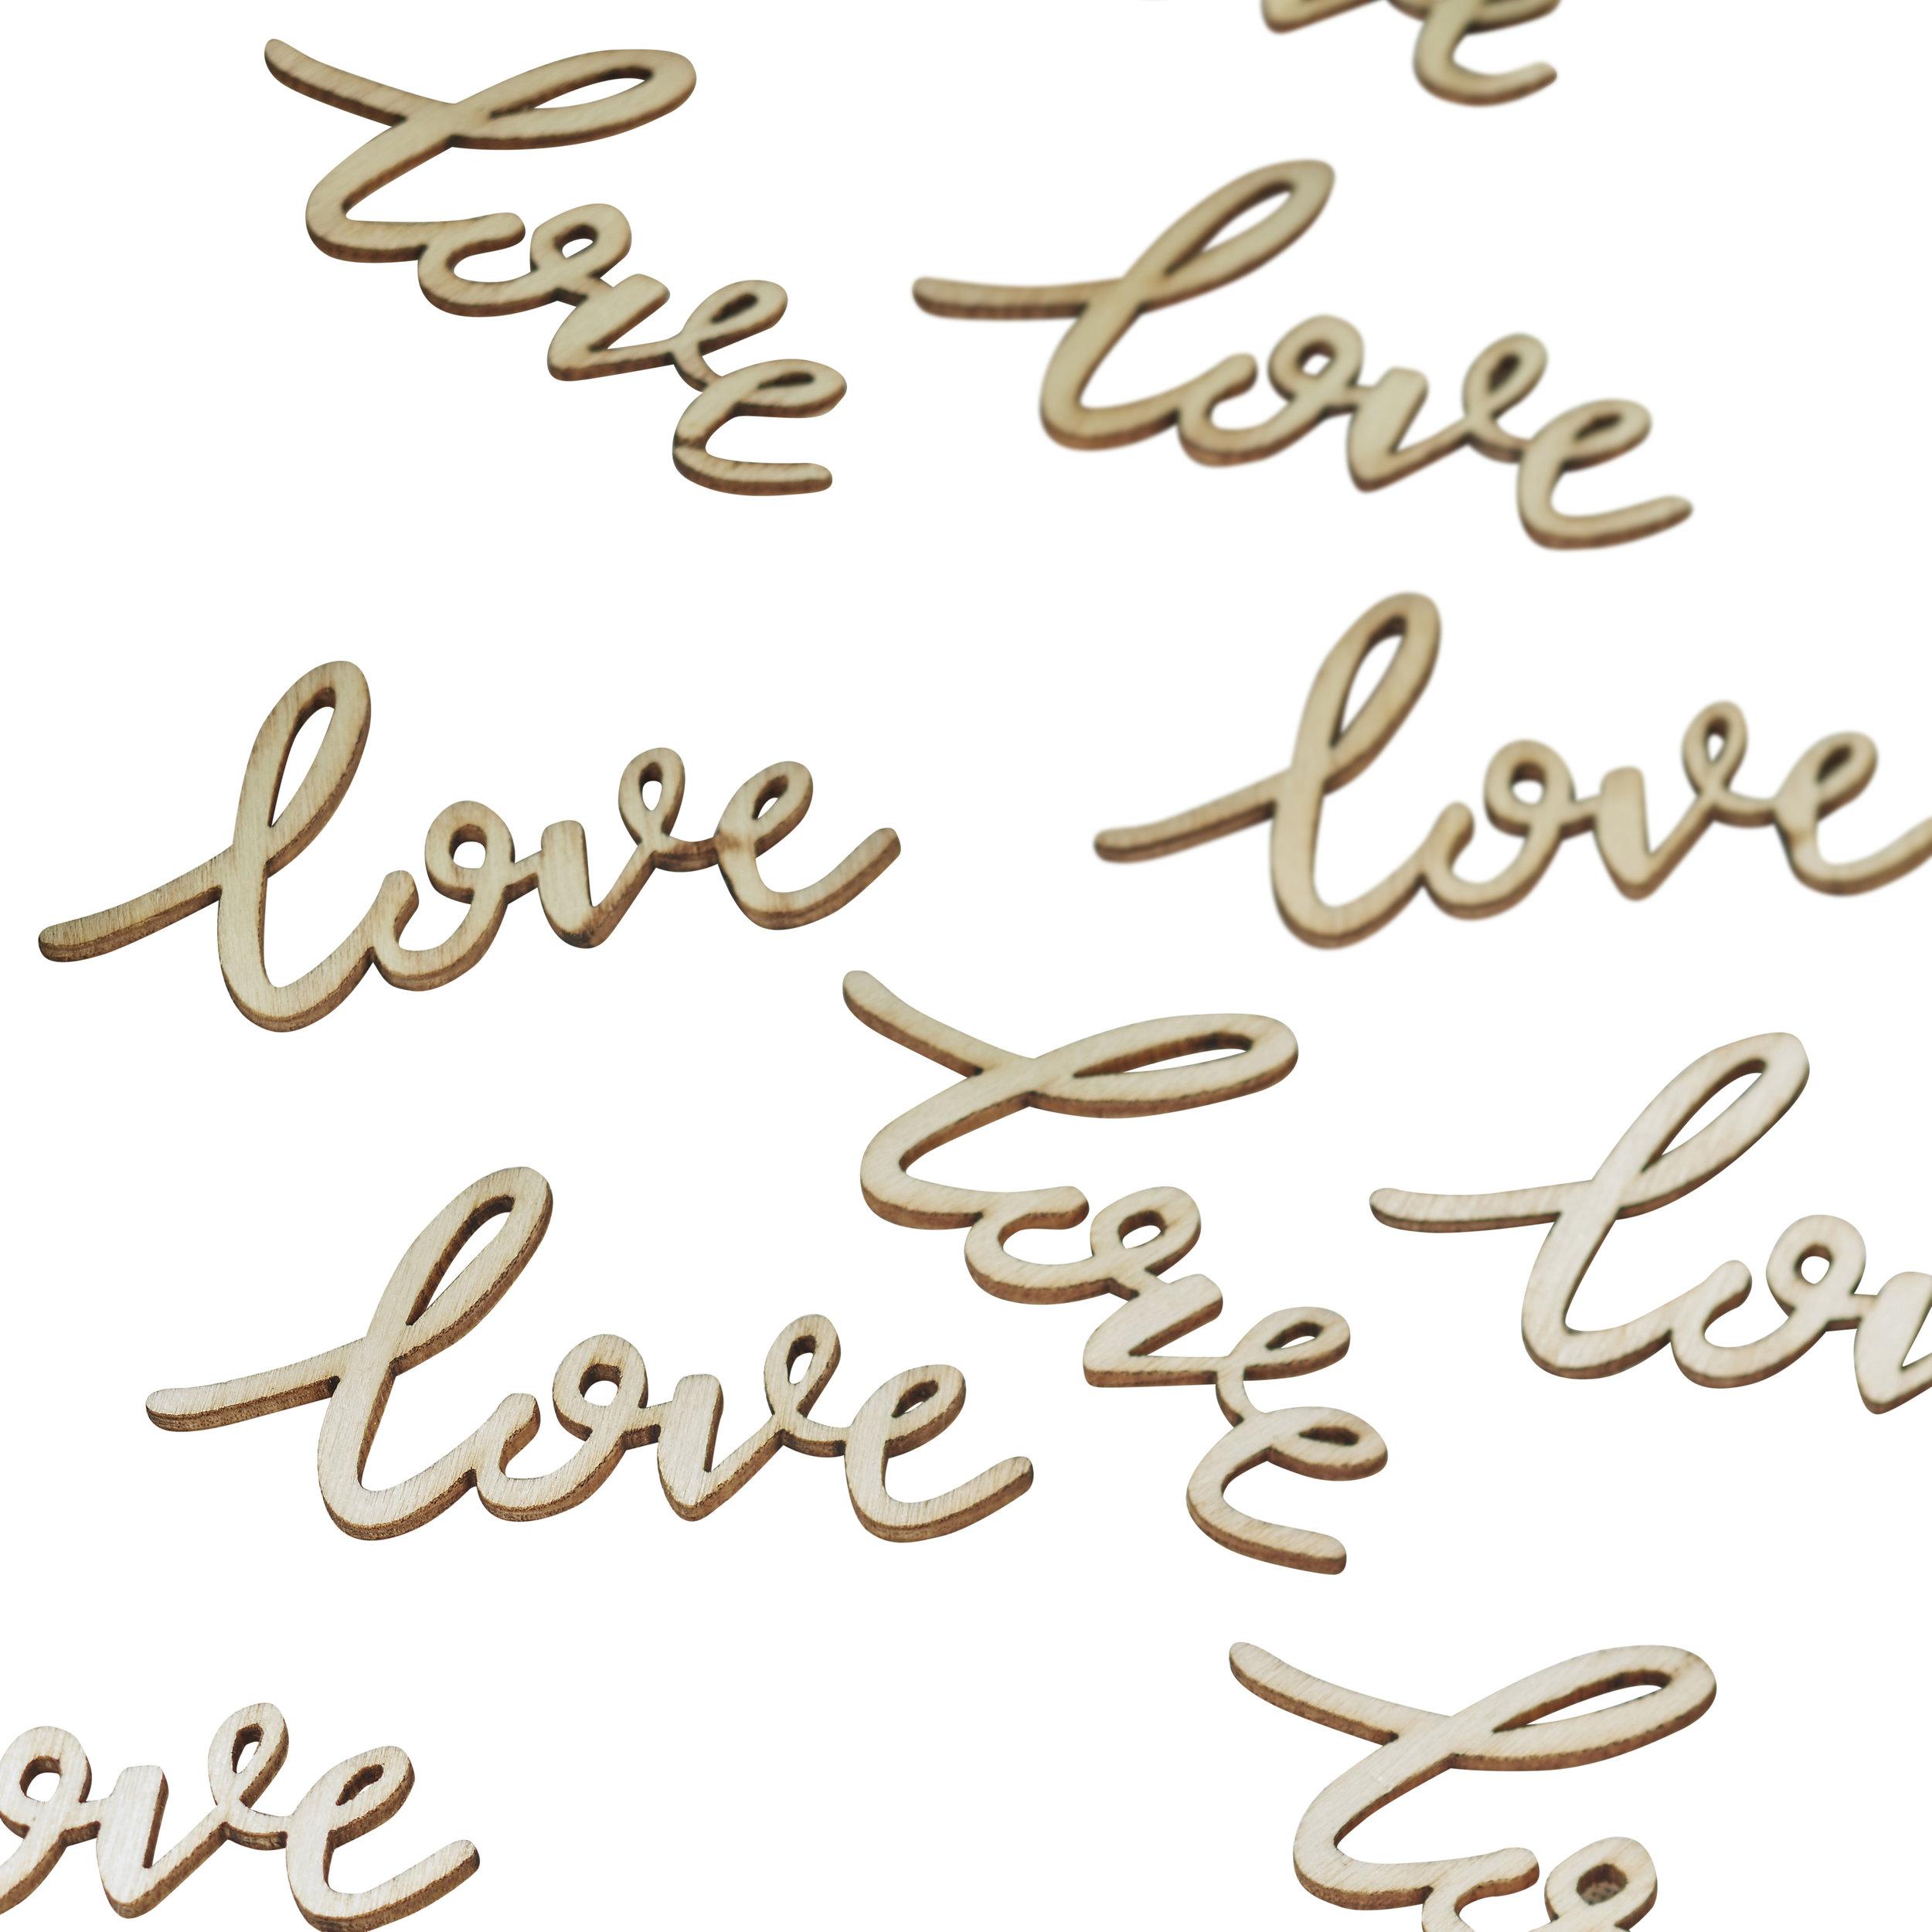 GingerRay_1357000_LoveWordsWoodenConfettiBoho.jpg.jpg